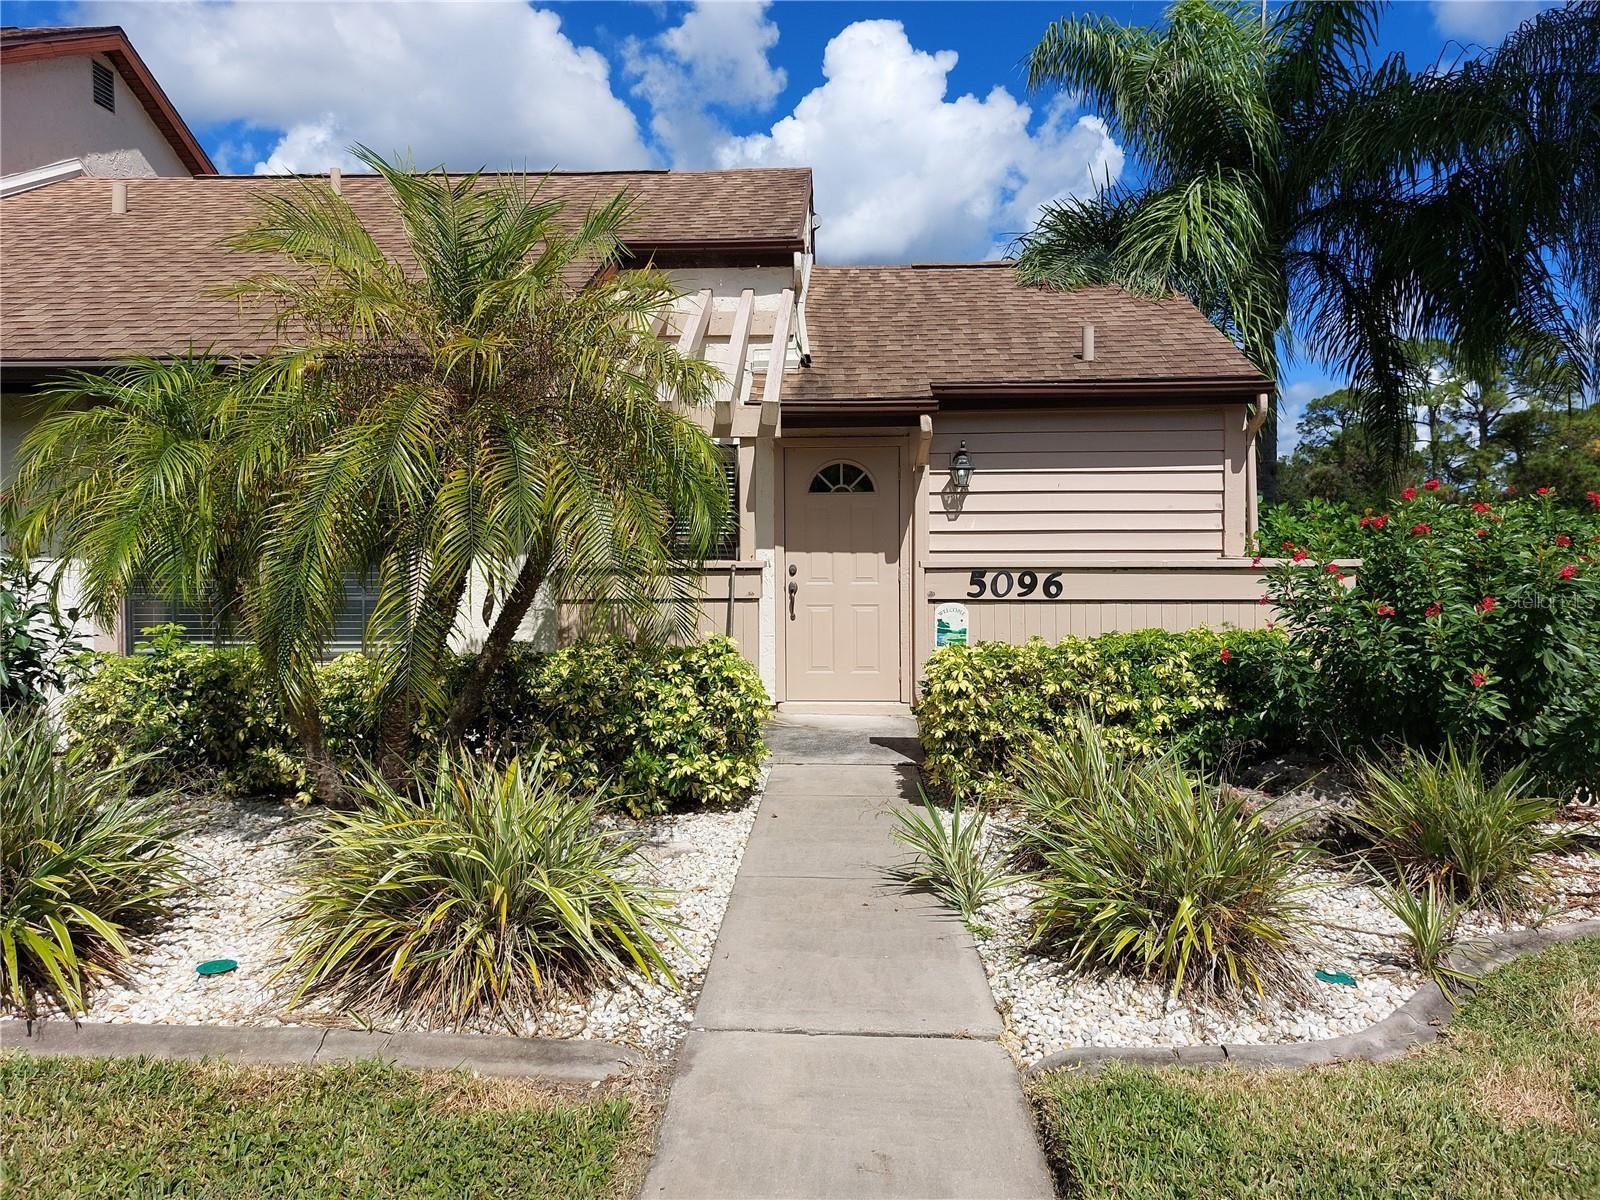 5096 LINKSMAN PLACE, North Port, FL 34287 - #: N6118117